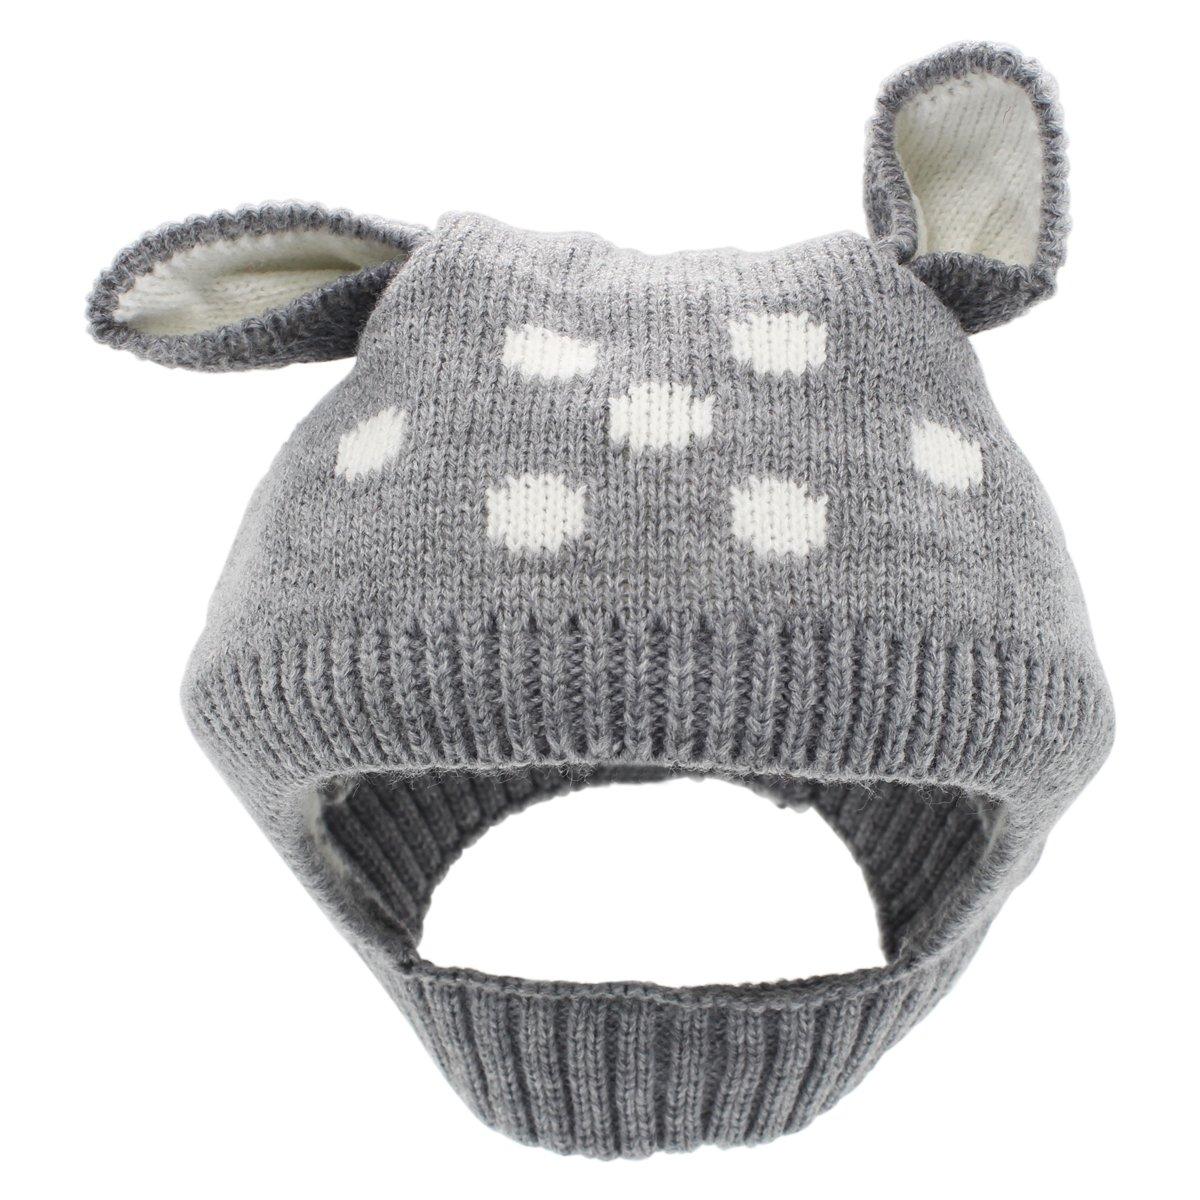 Cappello invernale della ragazza del neonato di YOPINDO Cappello di beanie animale caldo del Knit di lana molle caldo del crochet dell'orecchino della lana (Giallo)